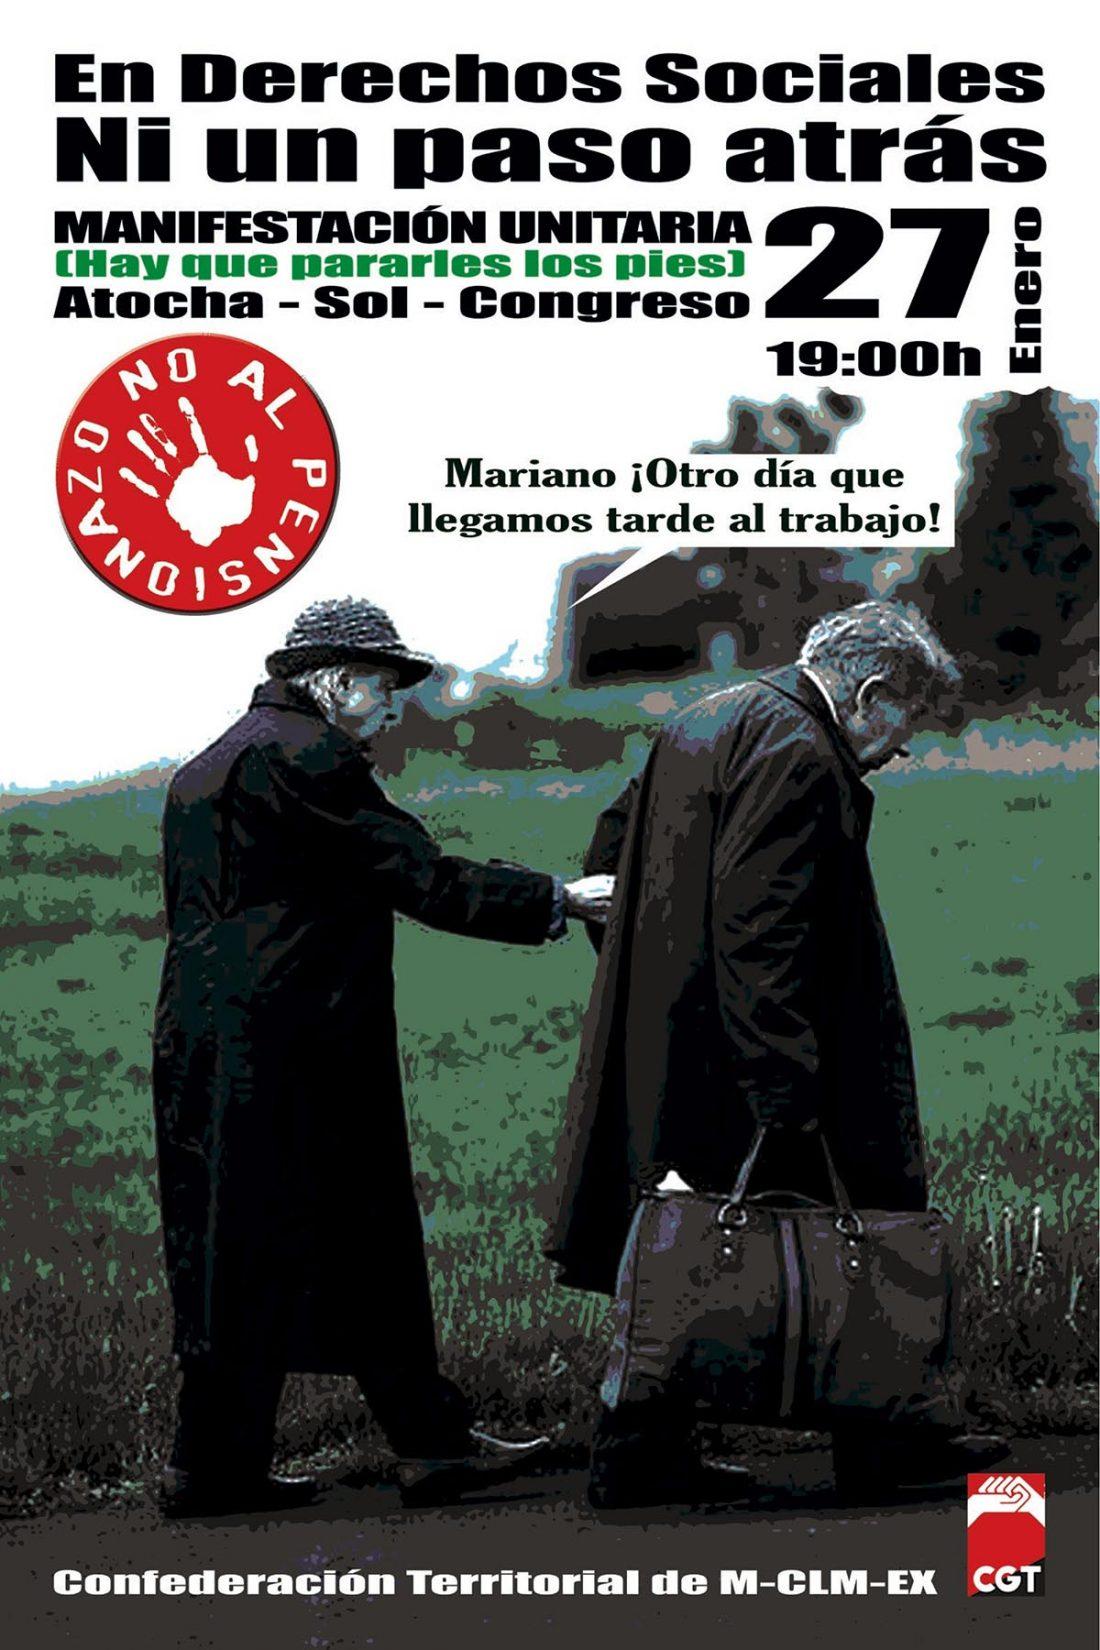 Madrid, 27 de Enero: Manifestación unitaria contra el pensionazo.